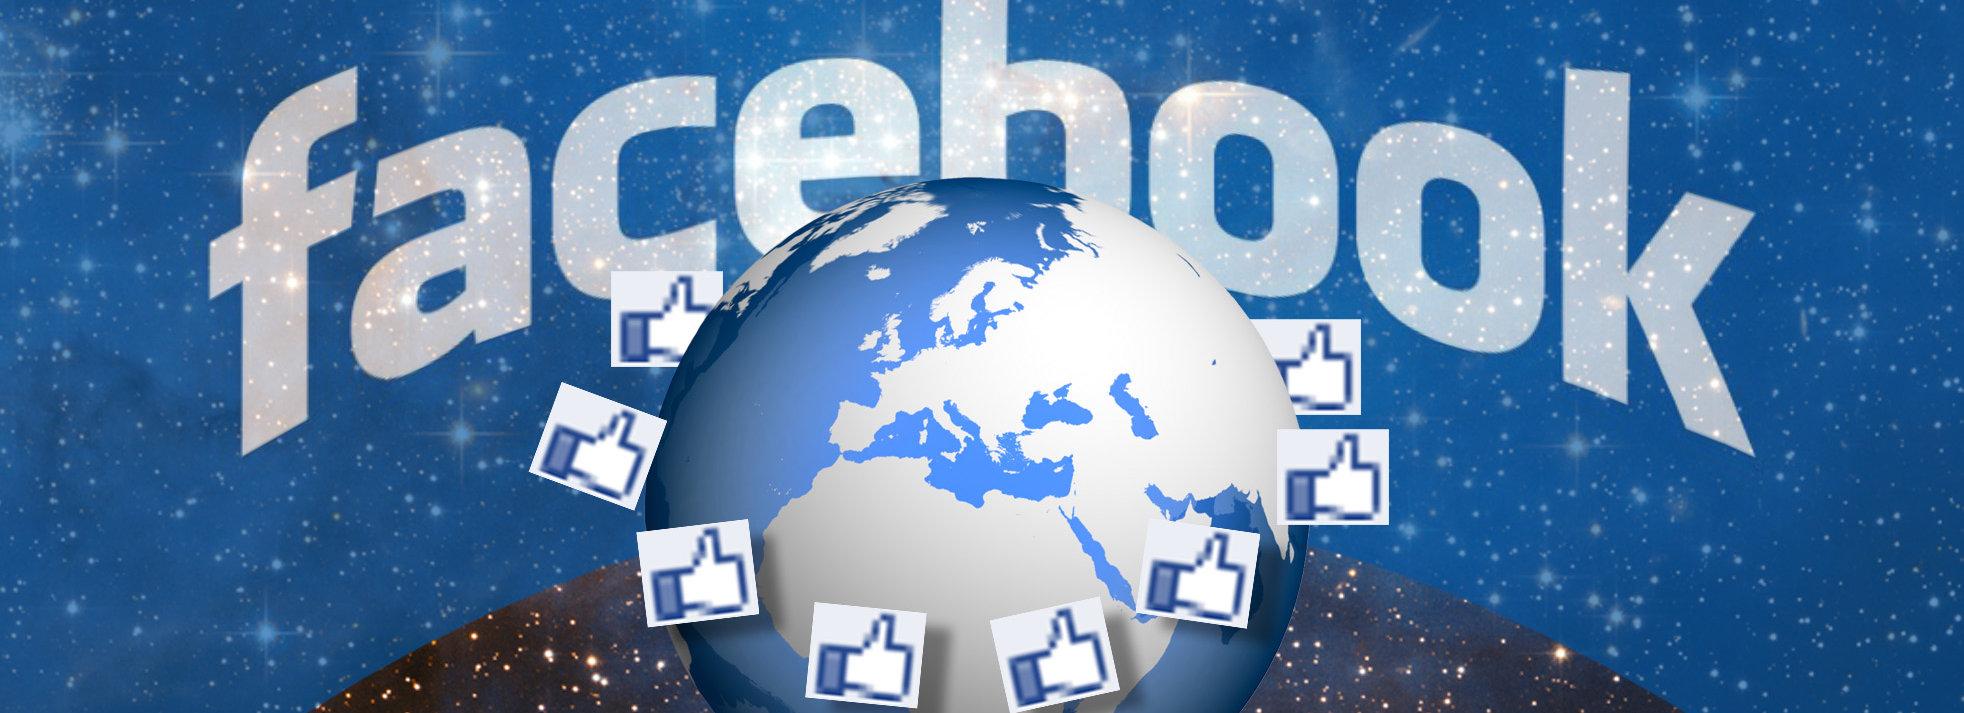 Facebook er et hyggelig sted å være for de aller fleste, viser ny undersøkelse. (Ill. Per Ervland)